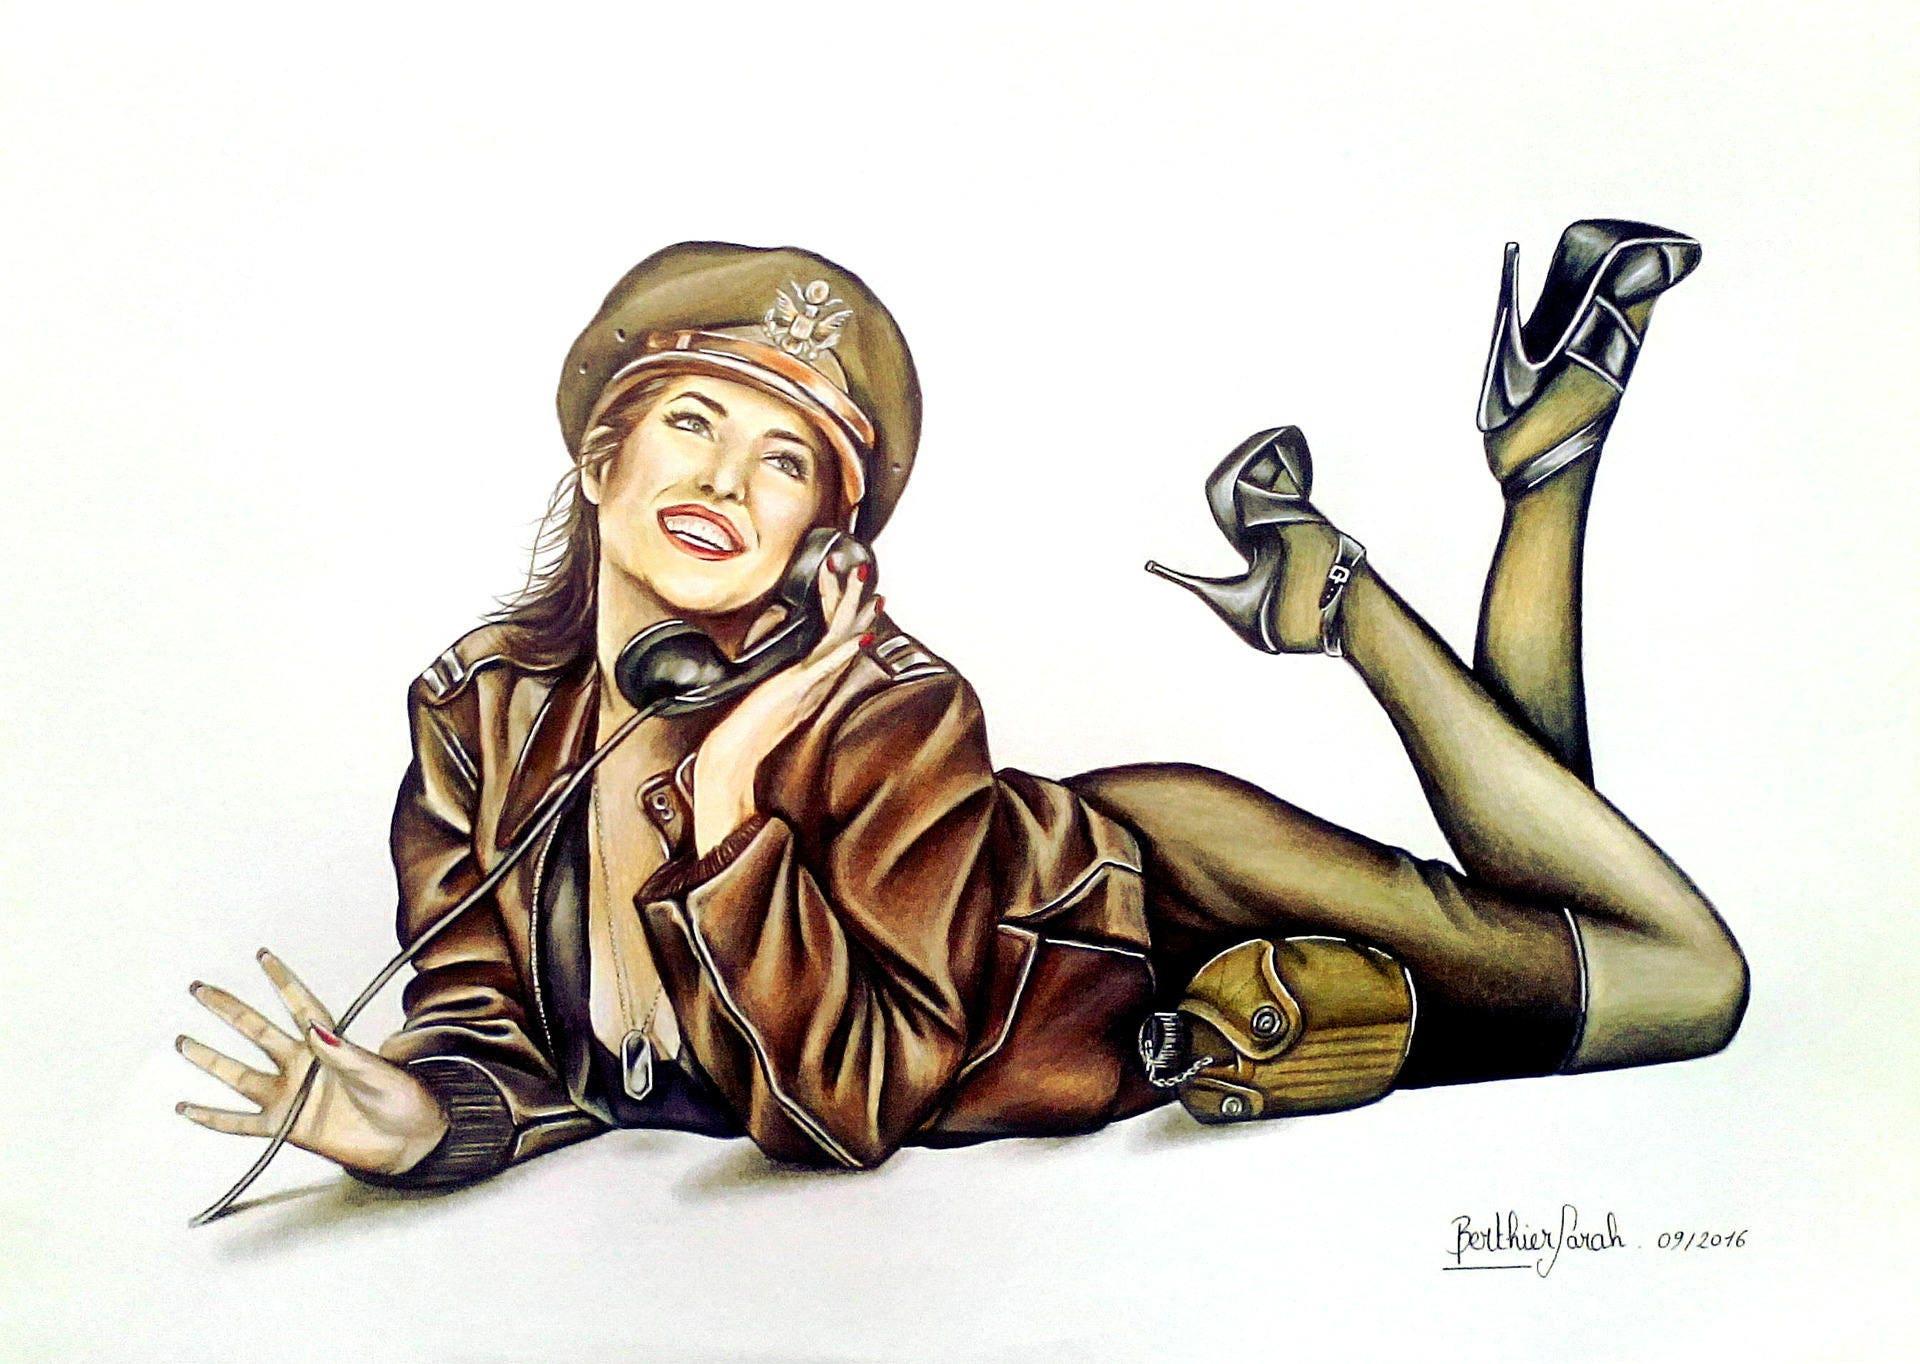 Dessin r tro femme pin up sensuelle militaire - Dessin de militaire ...